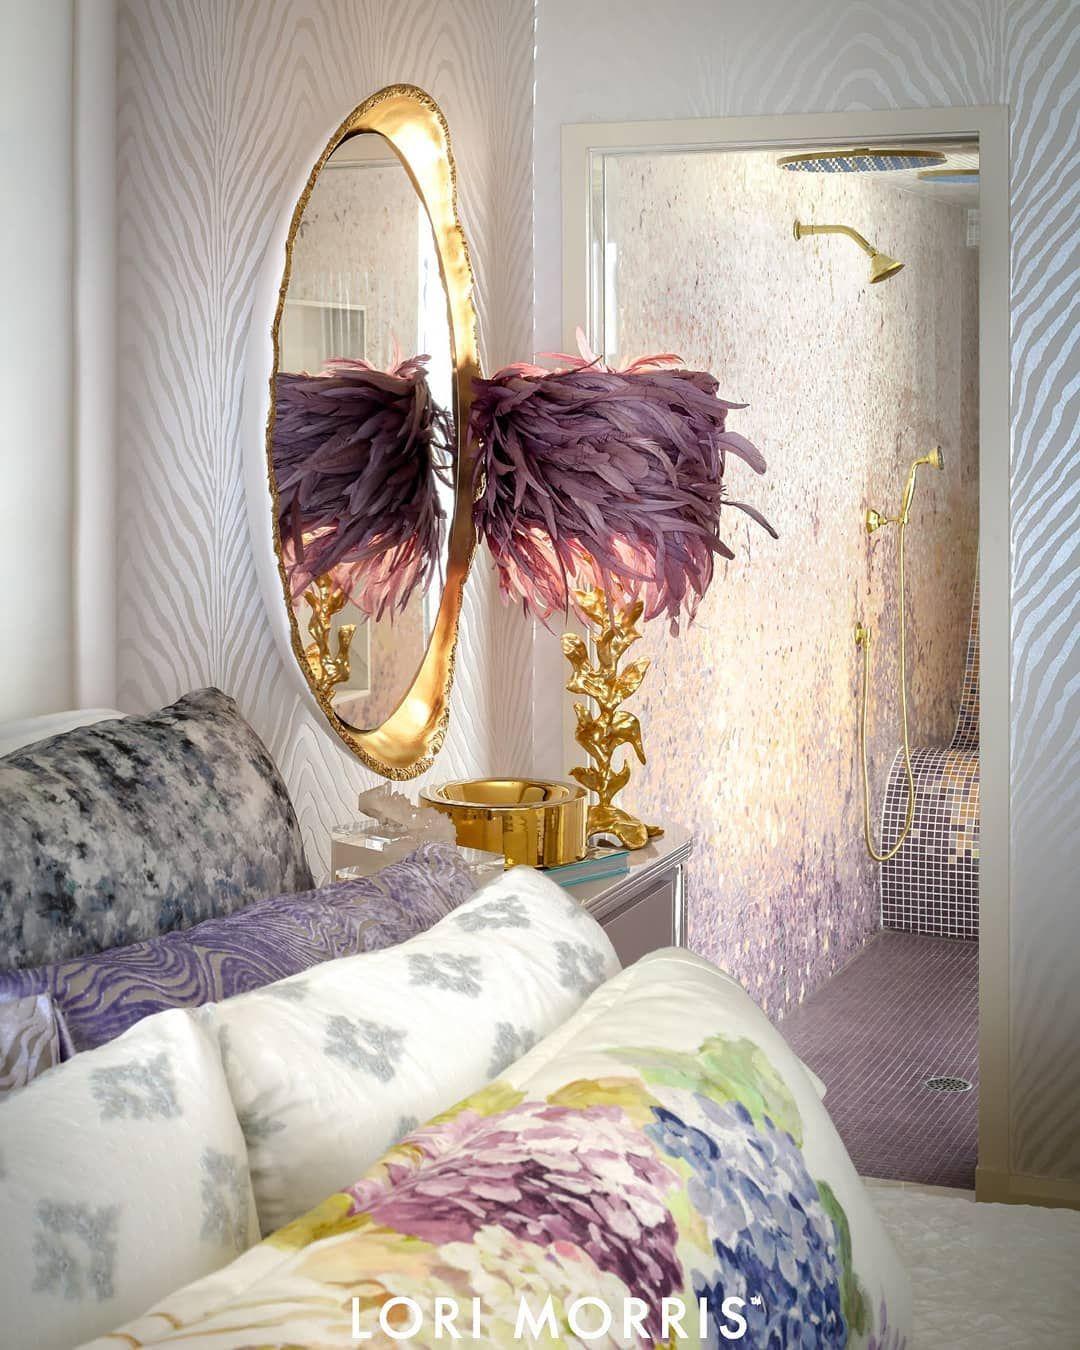 Loft Bedroomdesign: - #bedroomgoals # Bedroomdesign